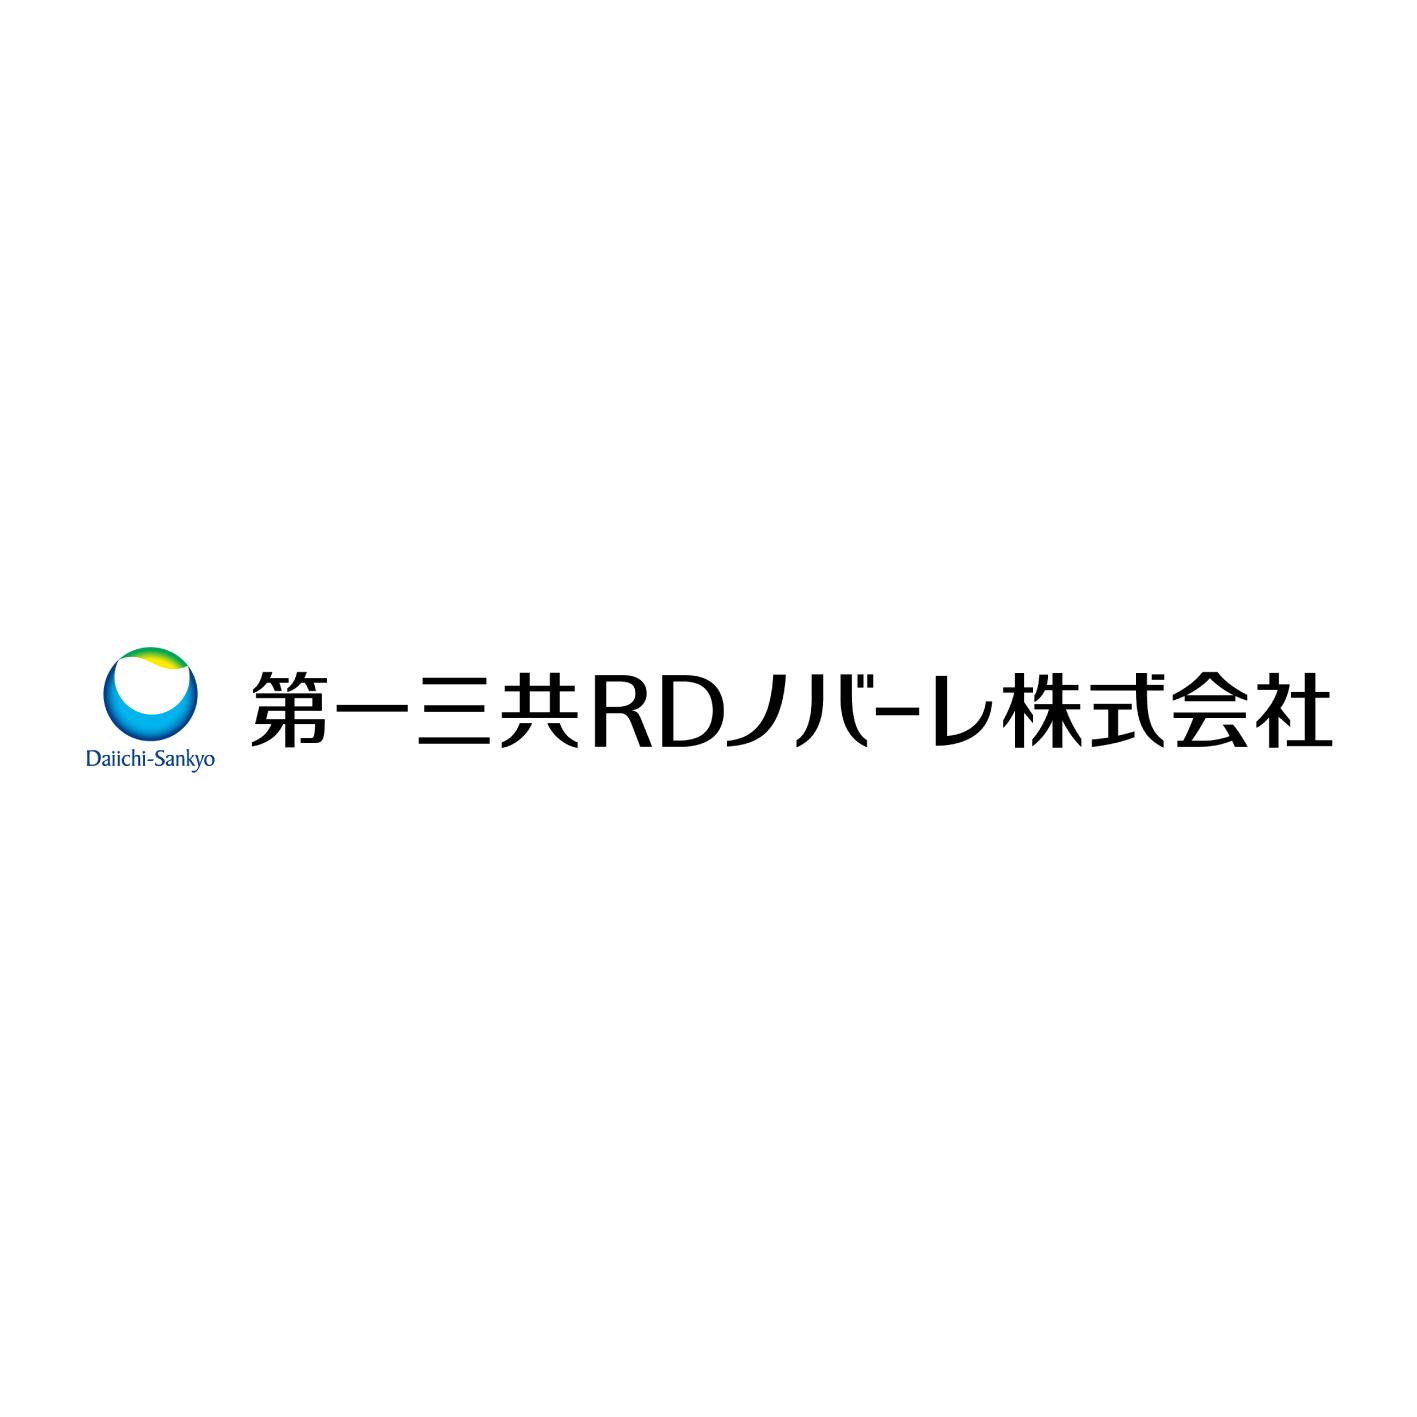 第一三共RDノバーレ株式会社